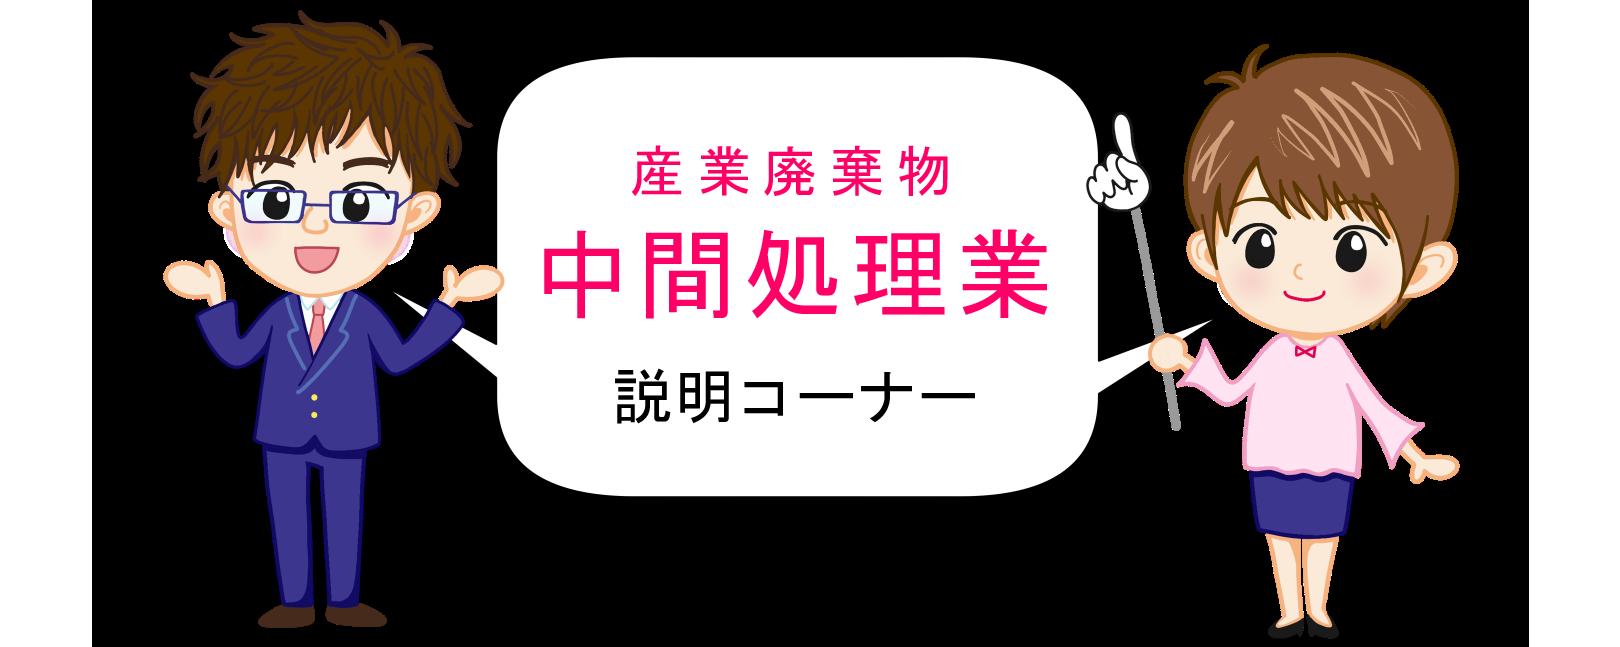 中間タイトル (1)